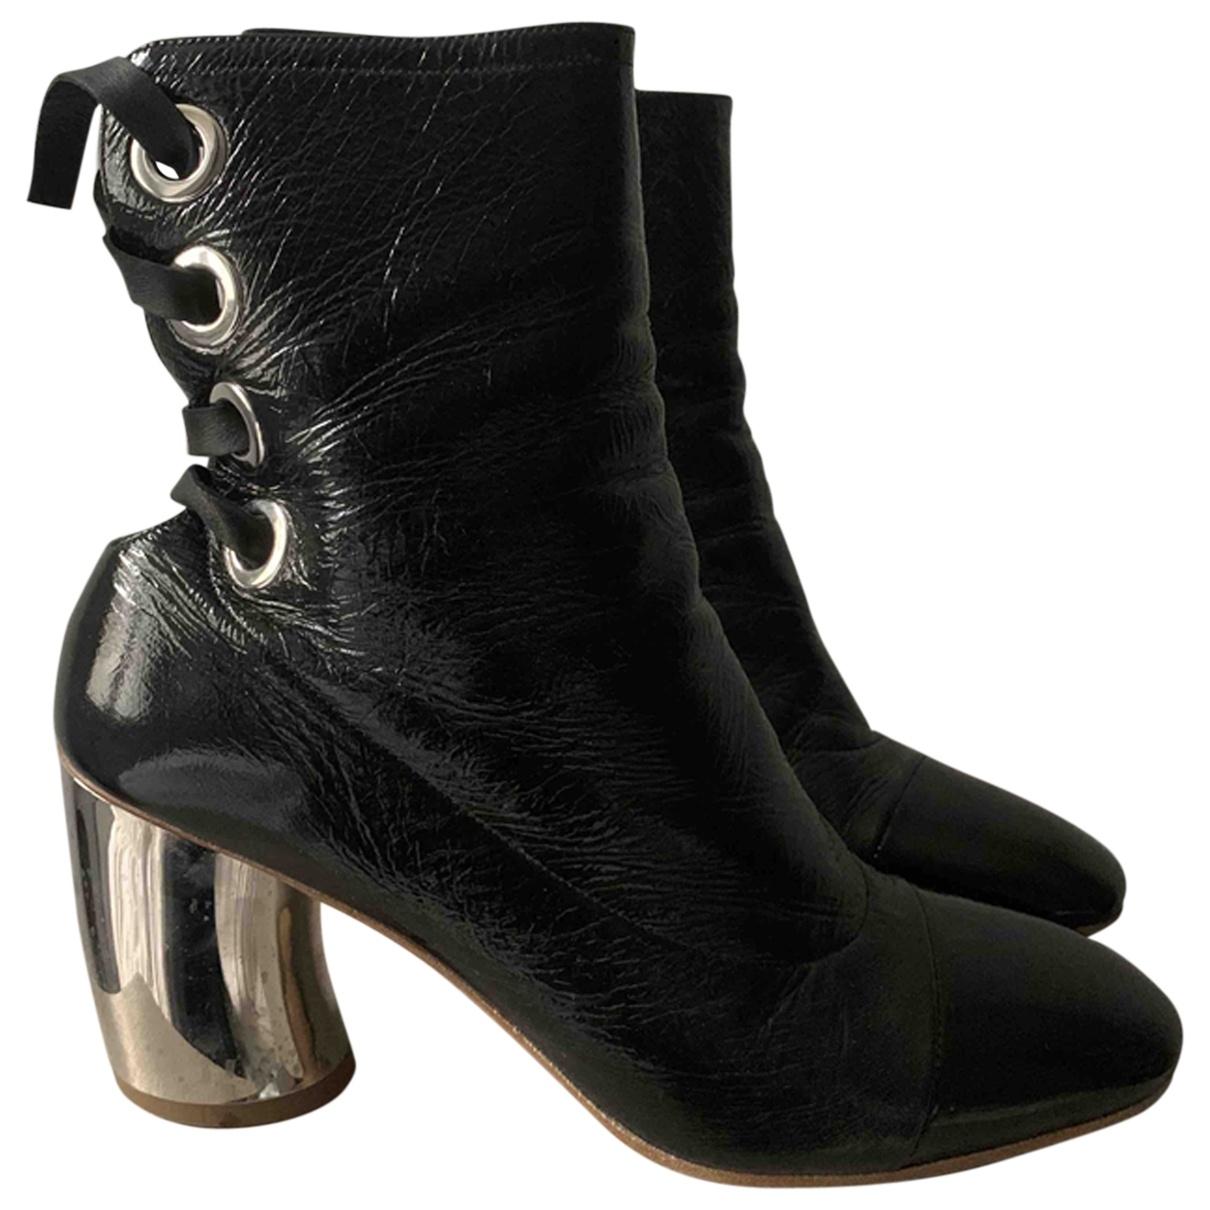 Proenza Schouler - Boots   pour femme en cuir verni - noir